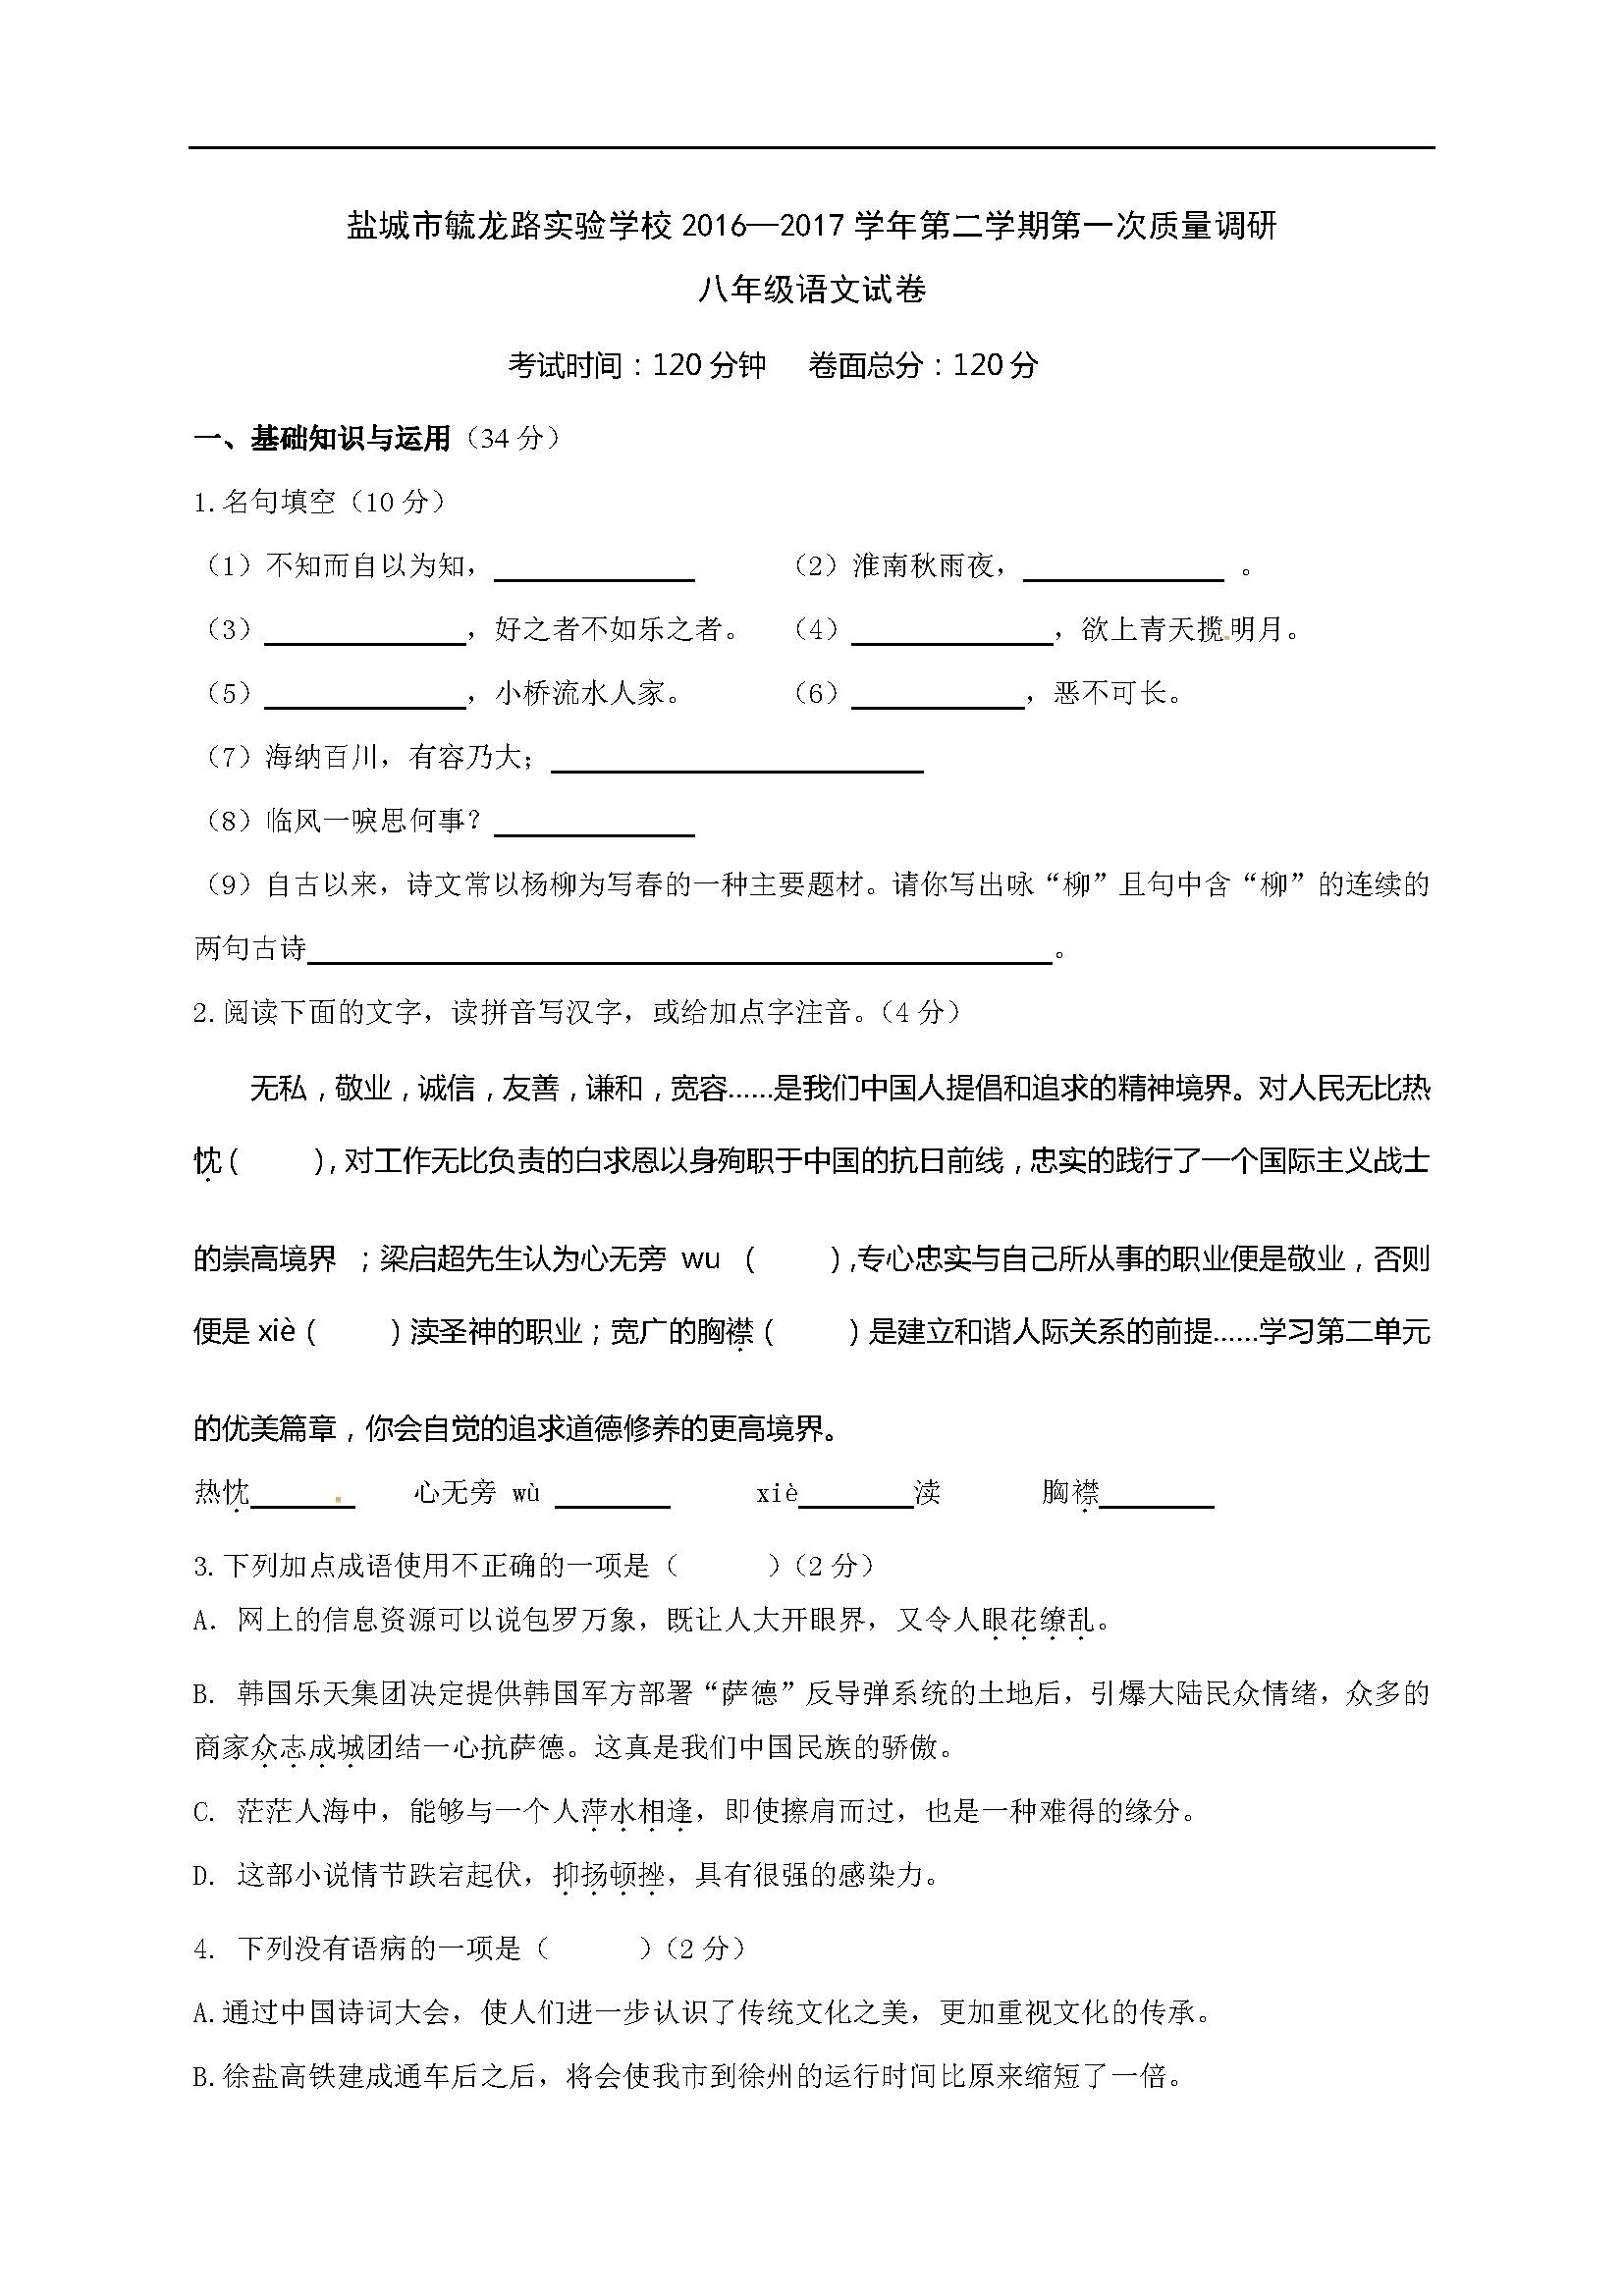 江苏盐城毓龙路实验学校2016-2017八年级下第一次月考语文试题(Word版)